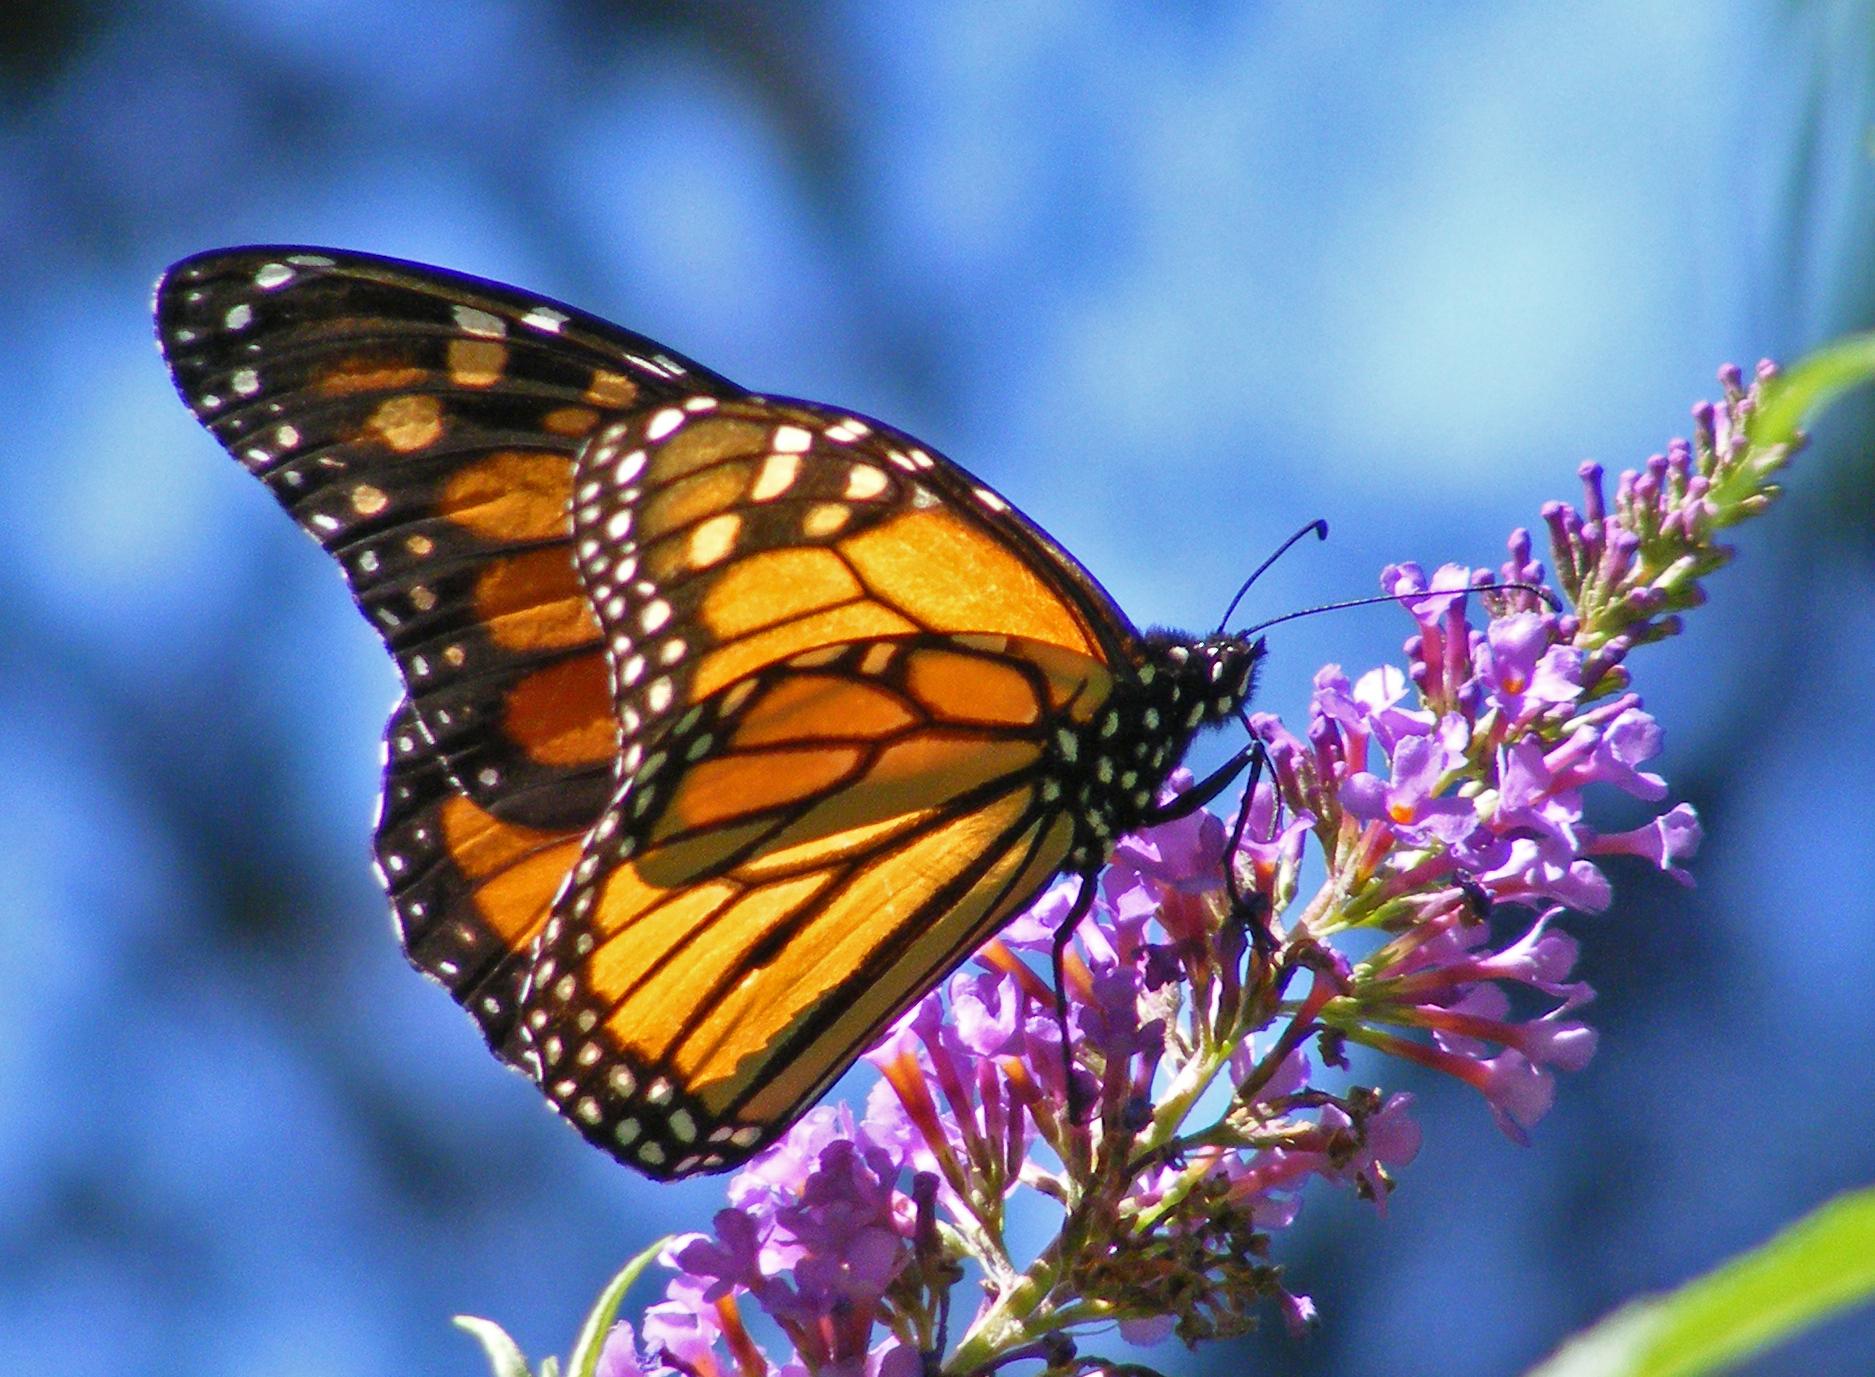 hd wallpapers butterfly  Wallpaper